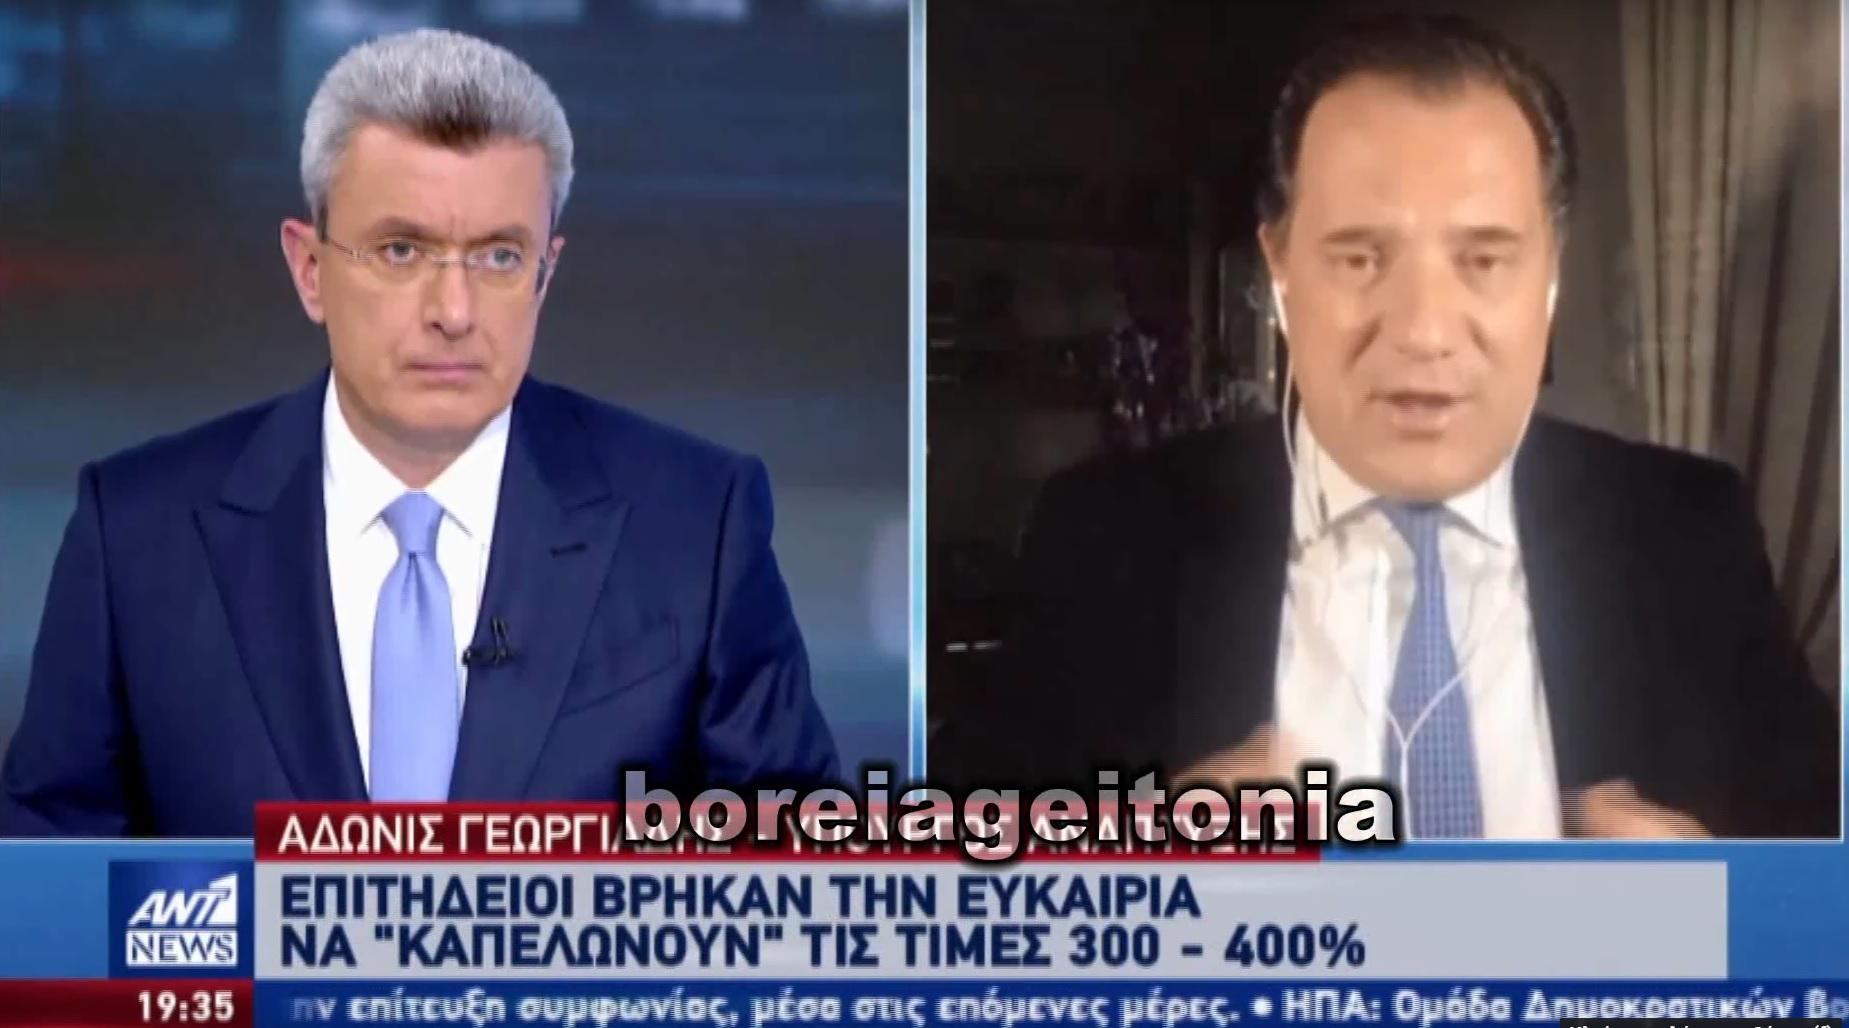 Άδωνις Γεωργιάδης: Τηλεοπτικό e-shop πήρε το πρόστιμο 50.000 ευρώ για πώληση μάσκες